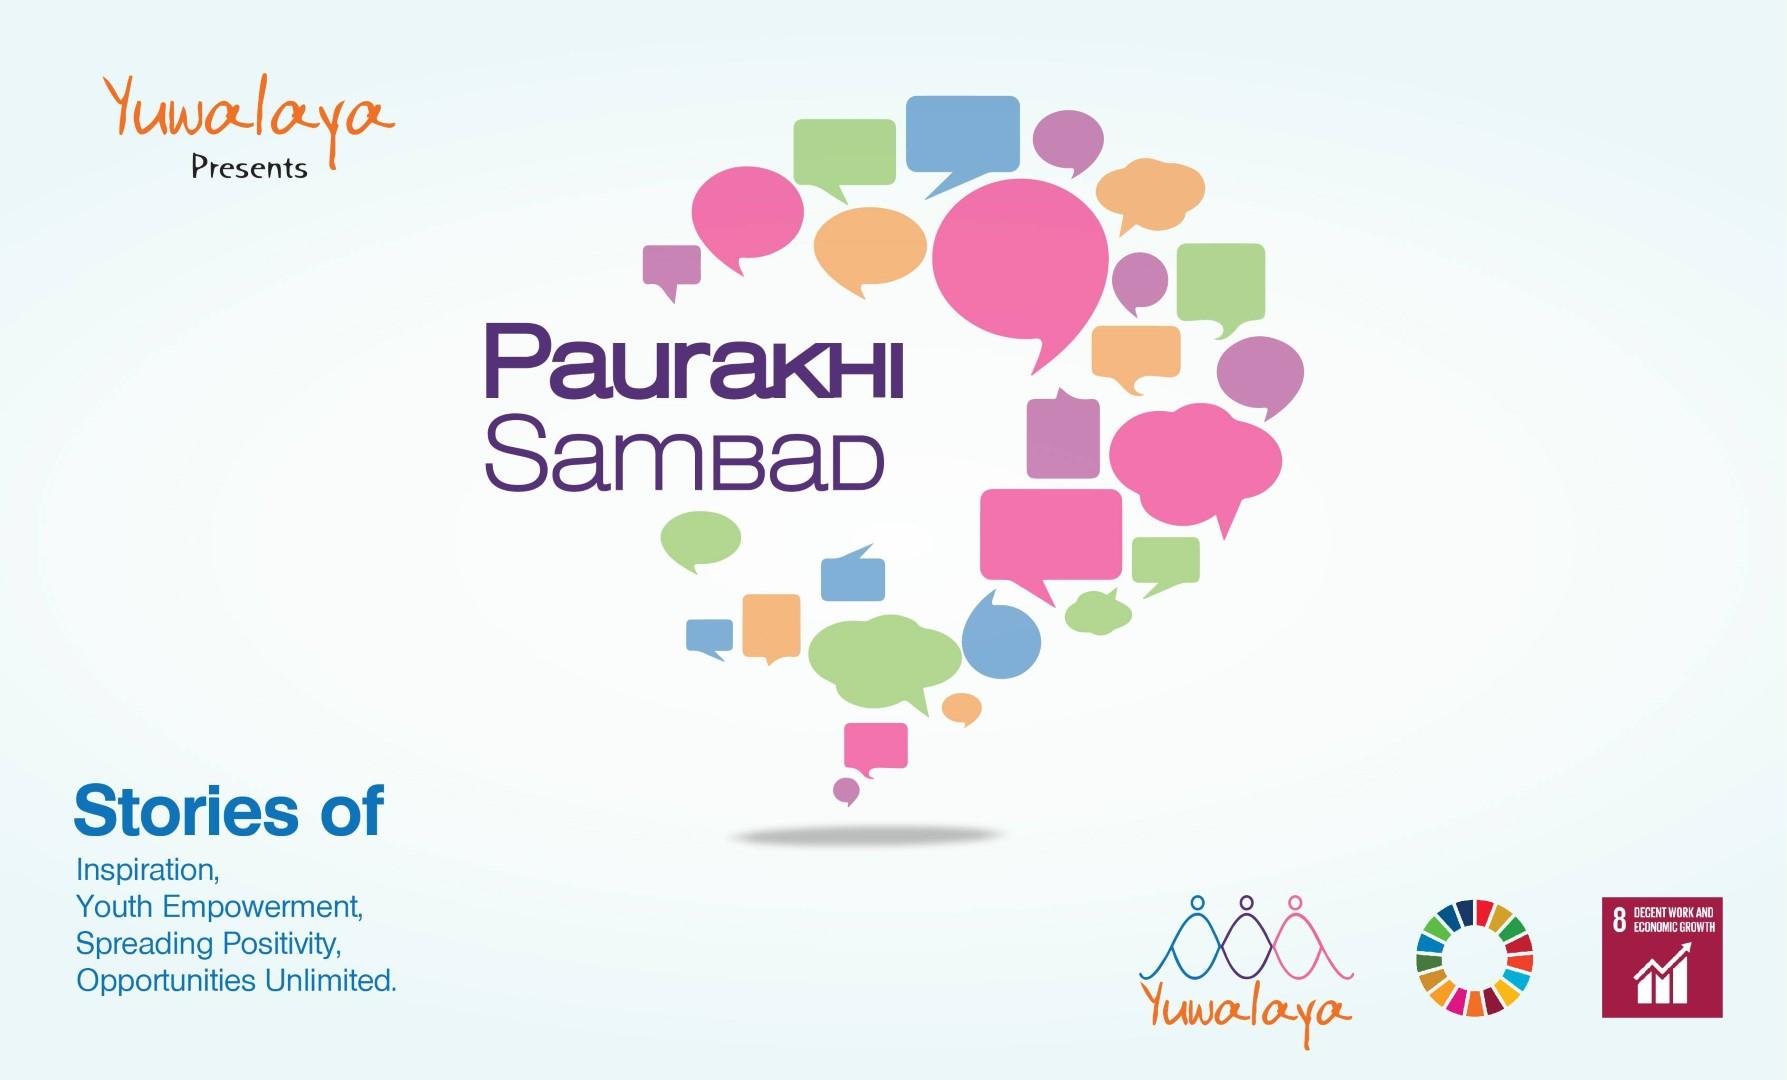 PAURAKHI SAMBAD